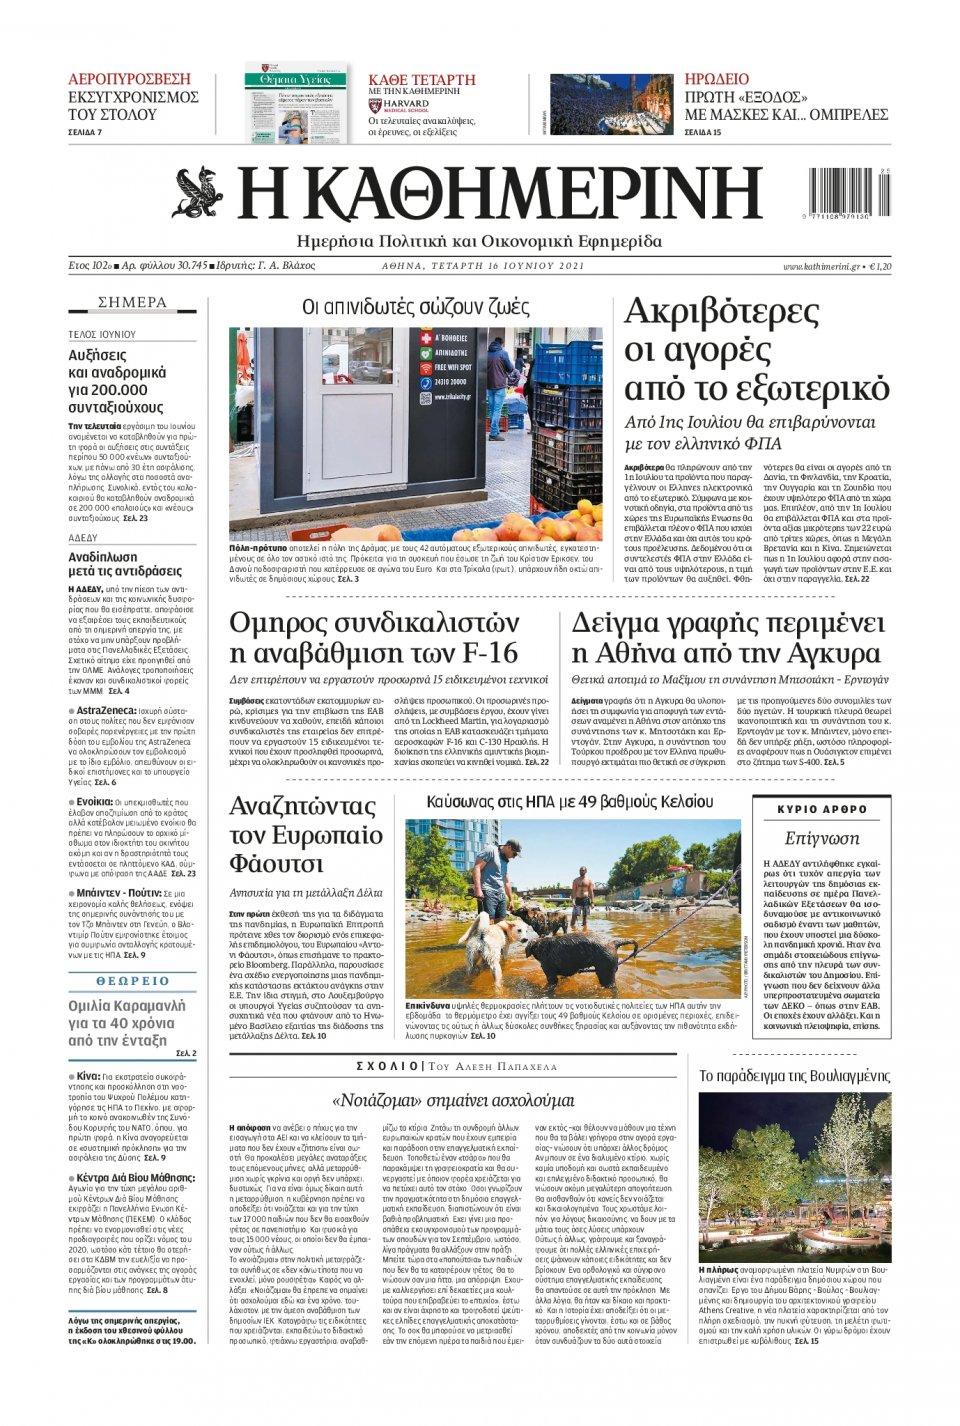 Πρωτοσέλιδο Εφημερίδας - Καθημερινή - 2021-06-16